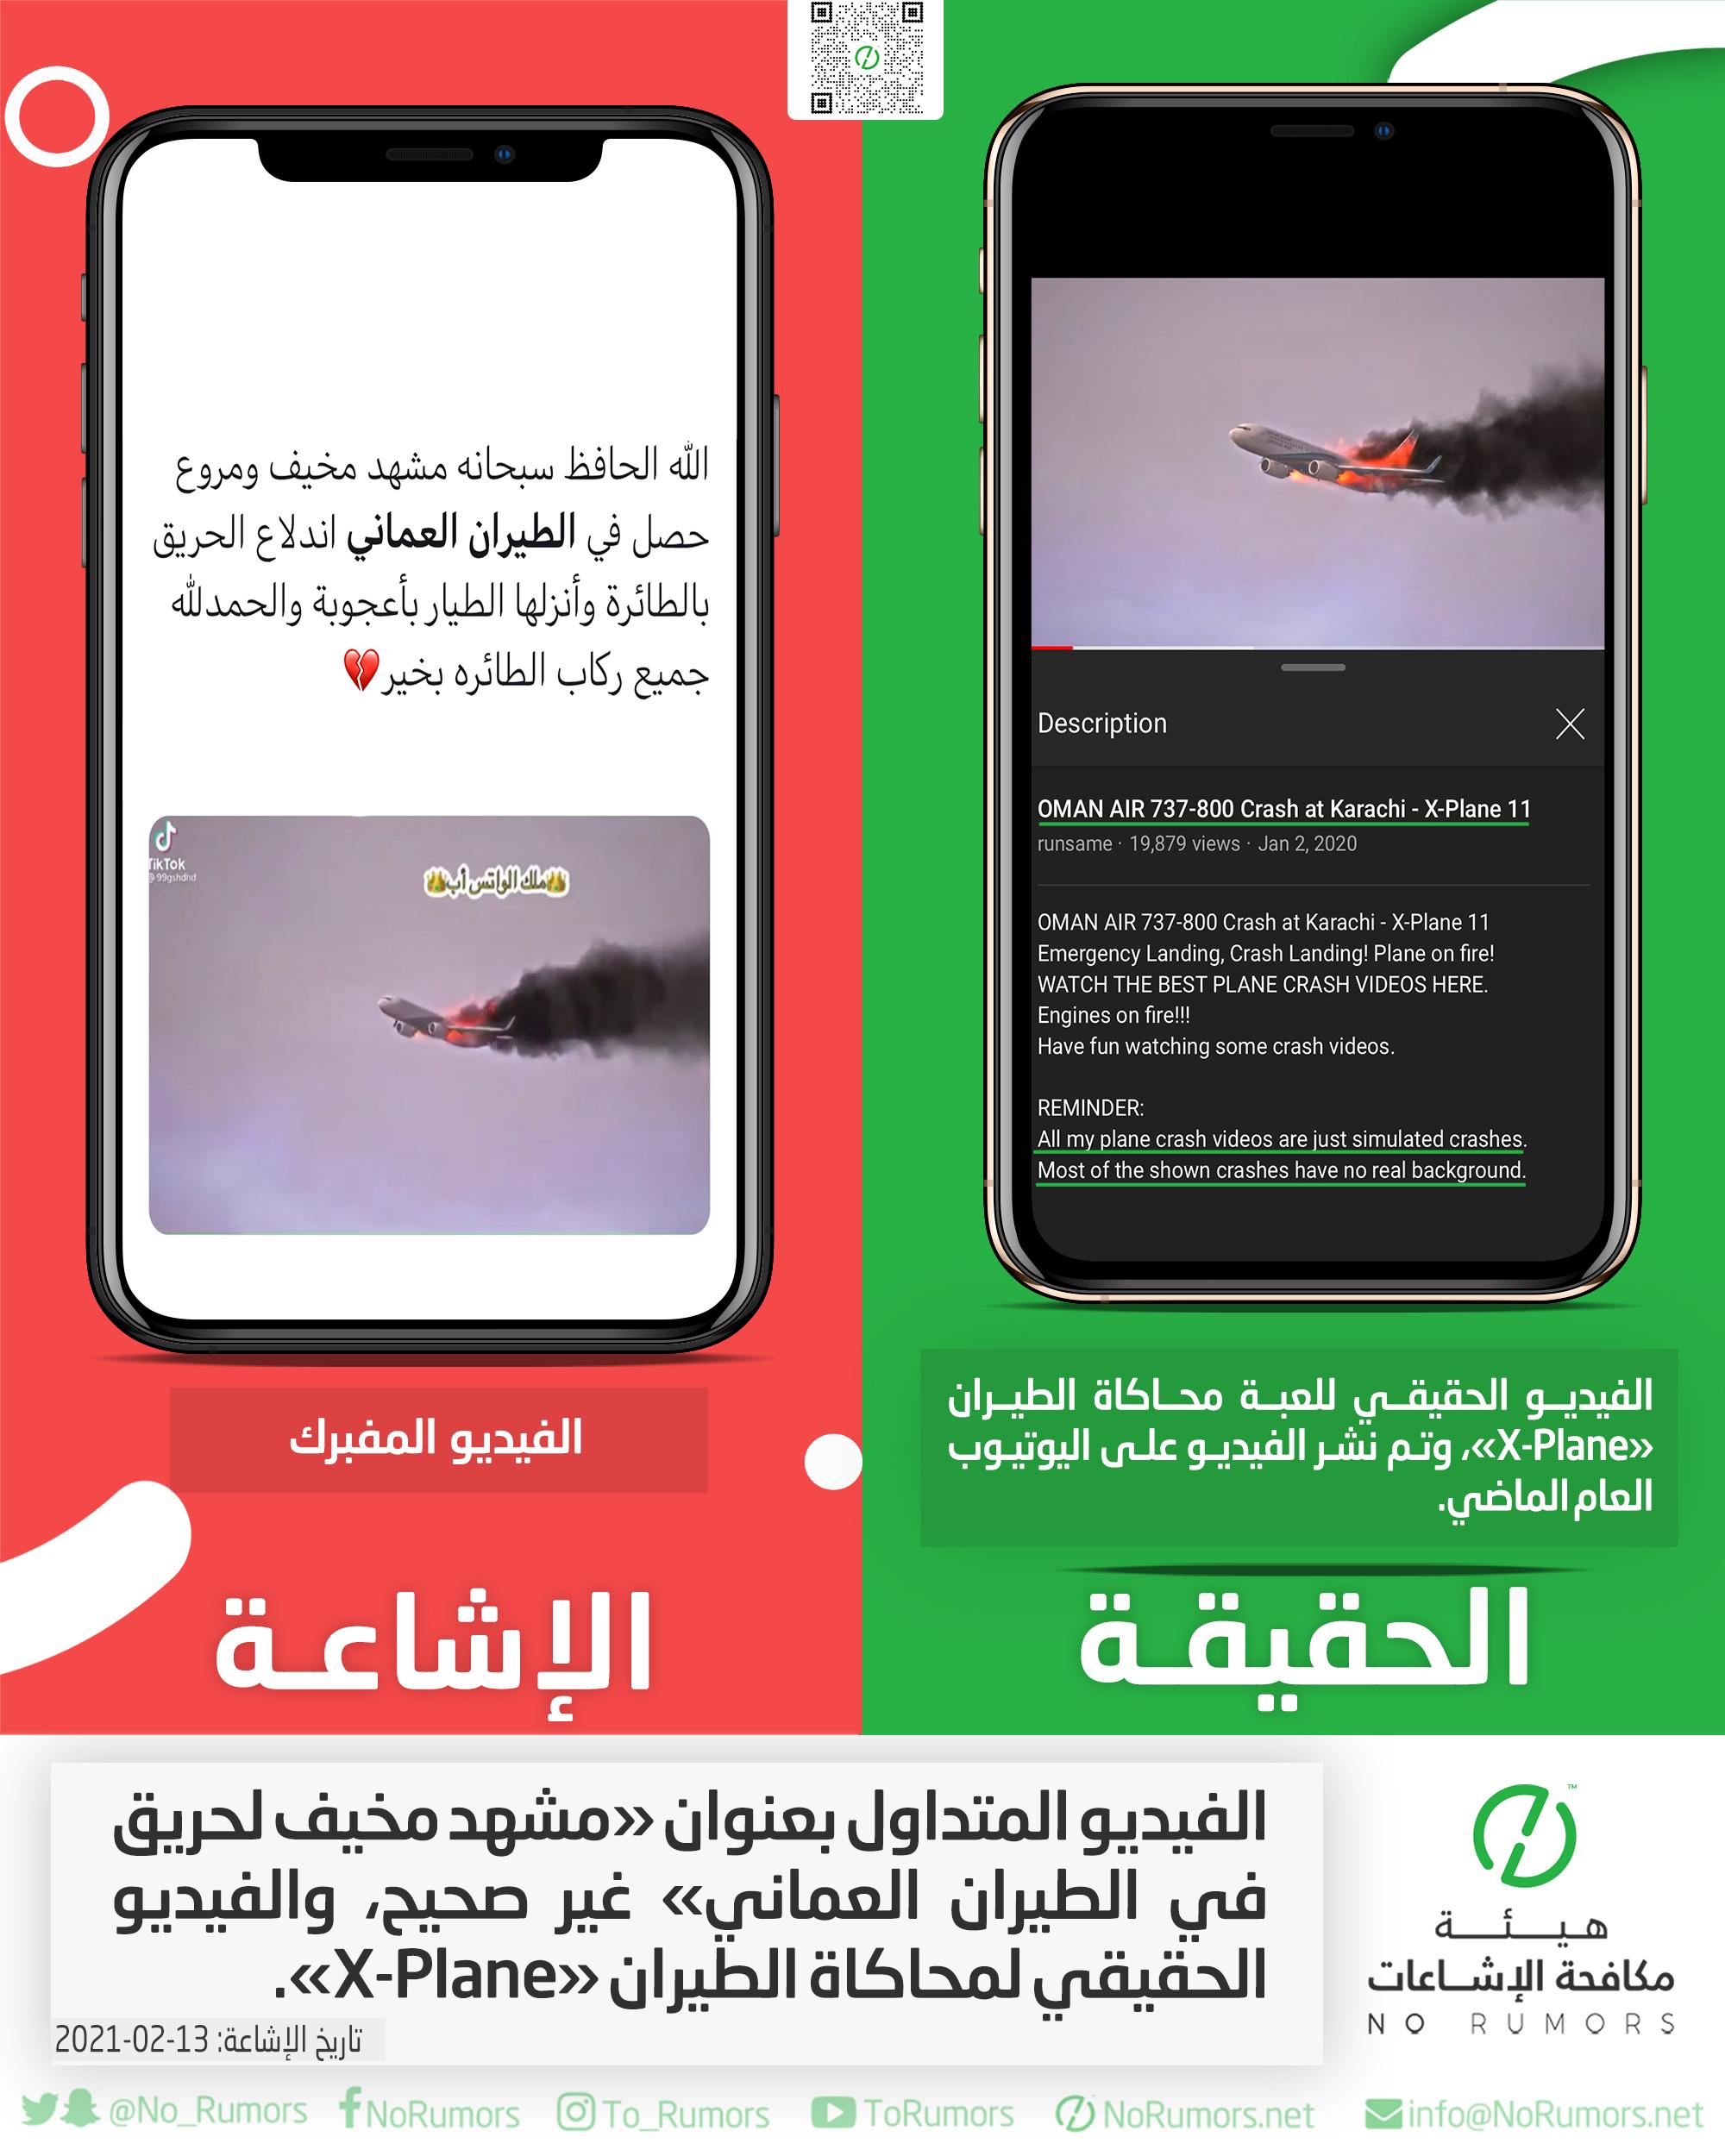 حقيقة الفيديو المتداول بعنوان «مشهد مخيف لحريق في الطيران العماني»